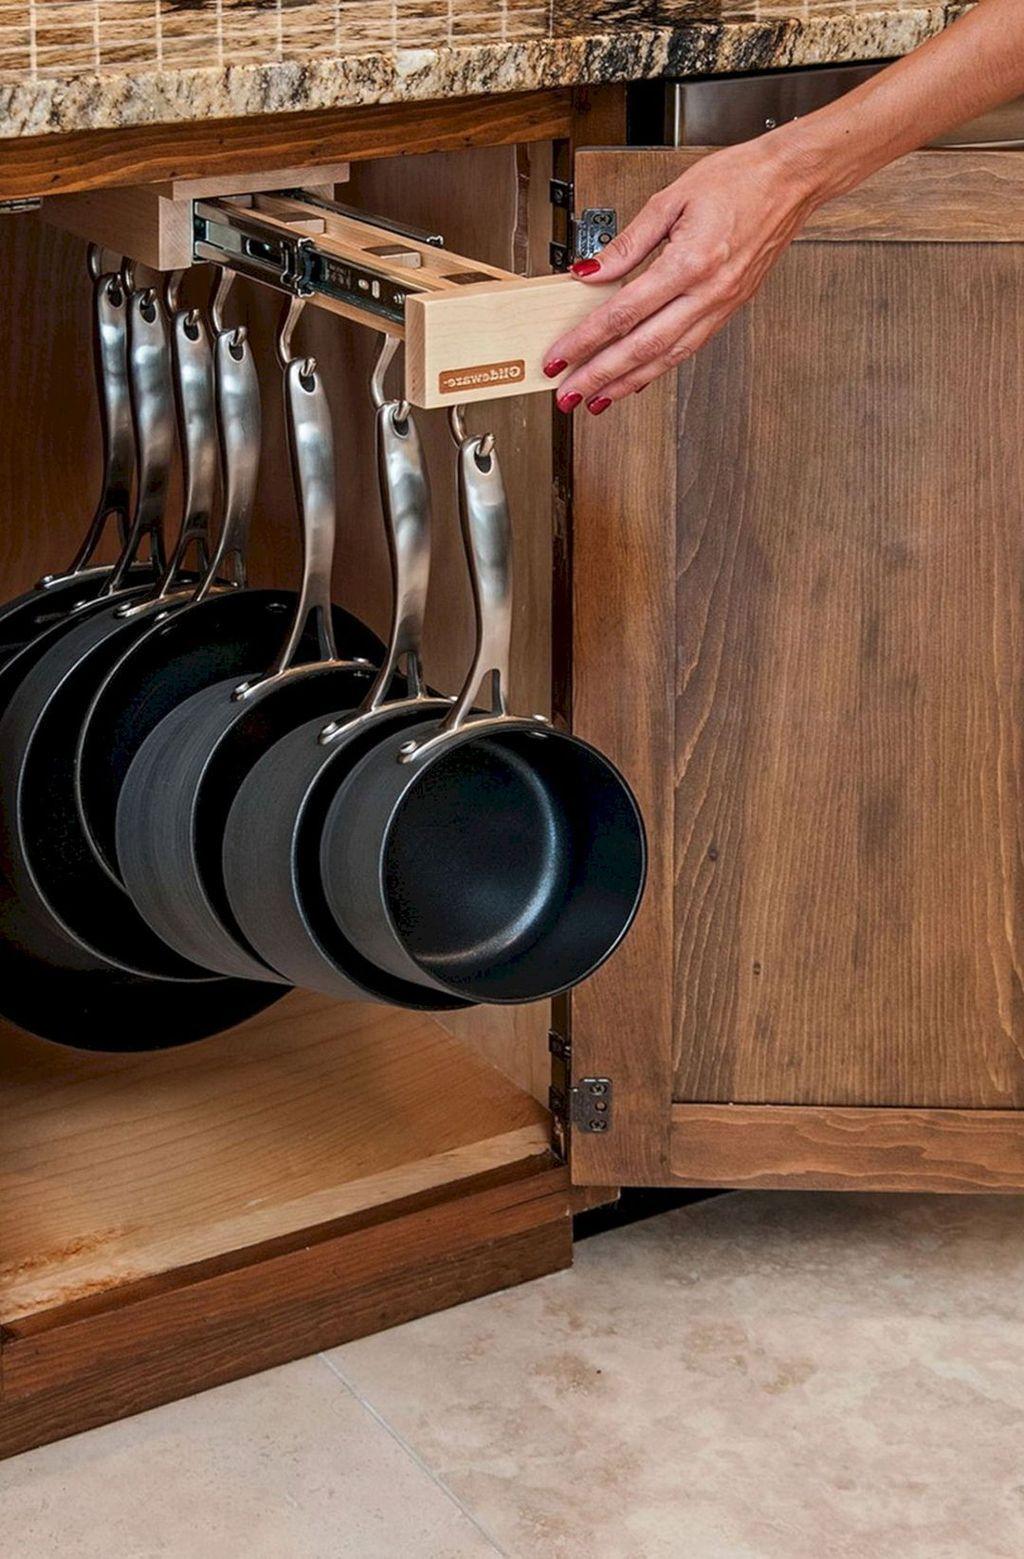 30+ Simple And Easy Kitchen Storage Organization Ideas #kitchenfurniture